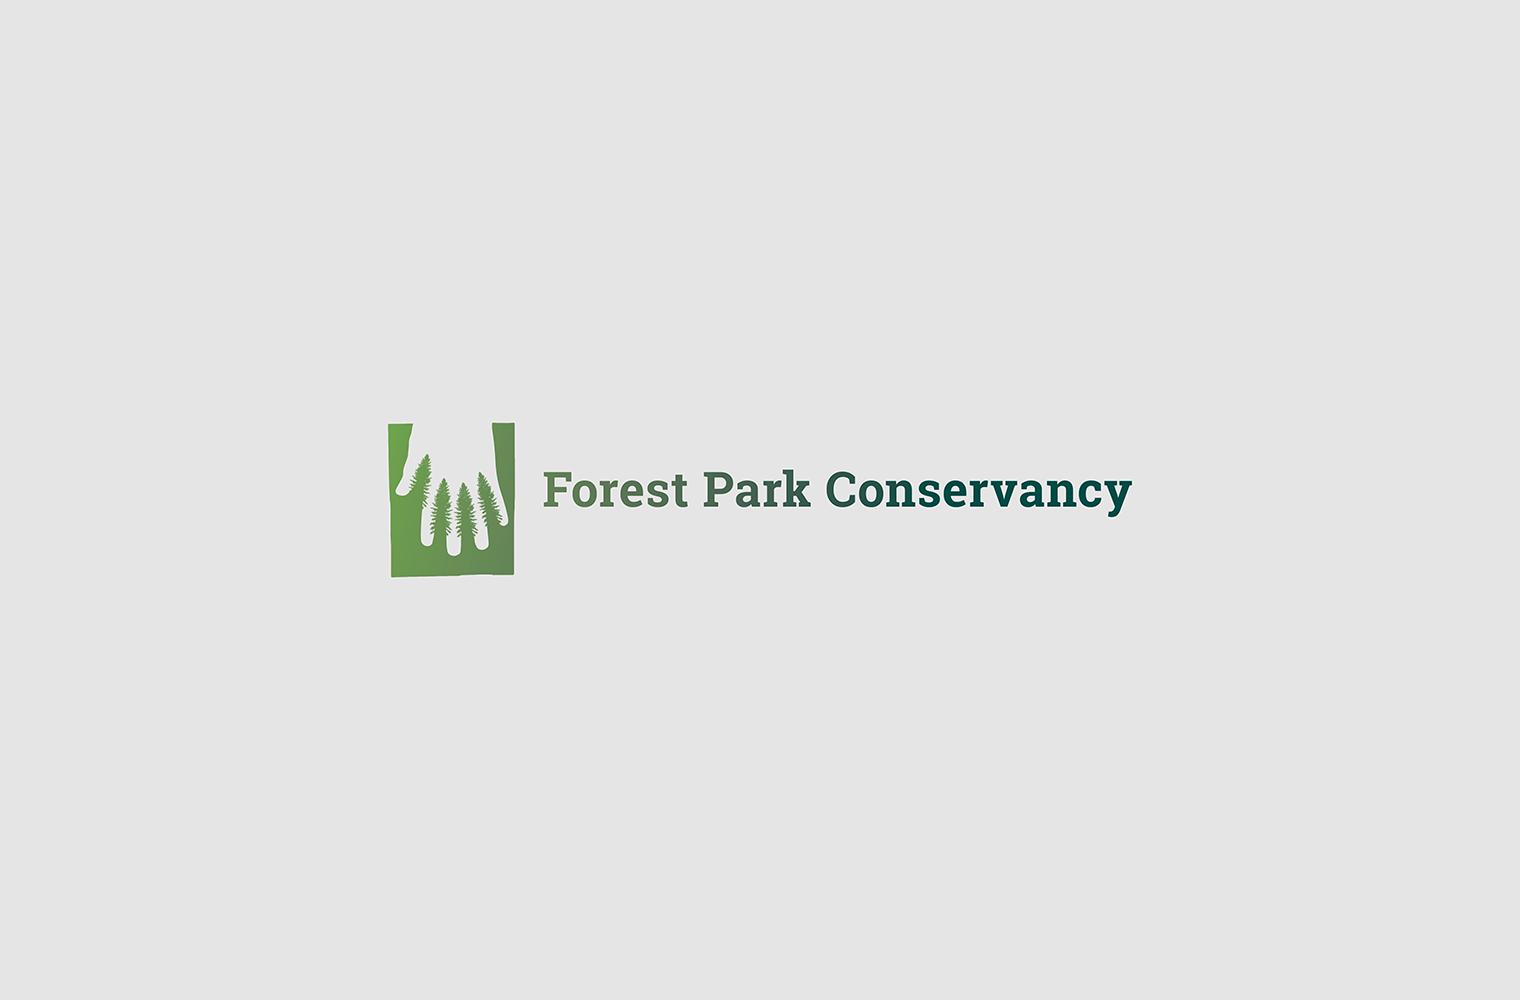 BPN_Forest_Park_Logo.png